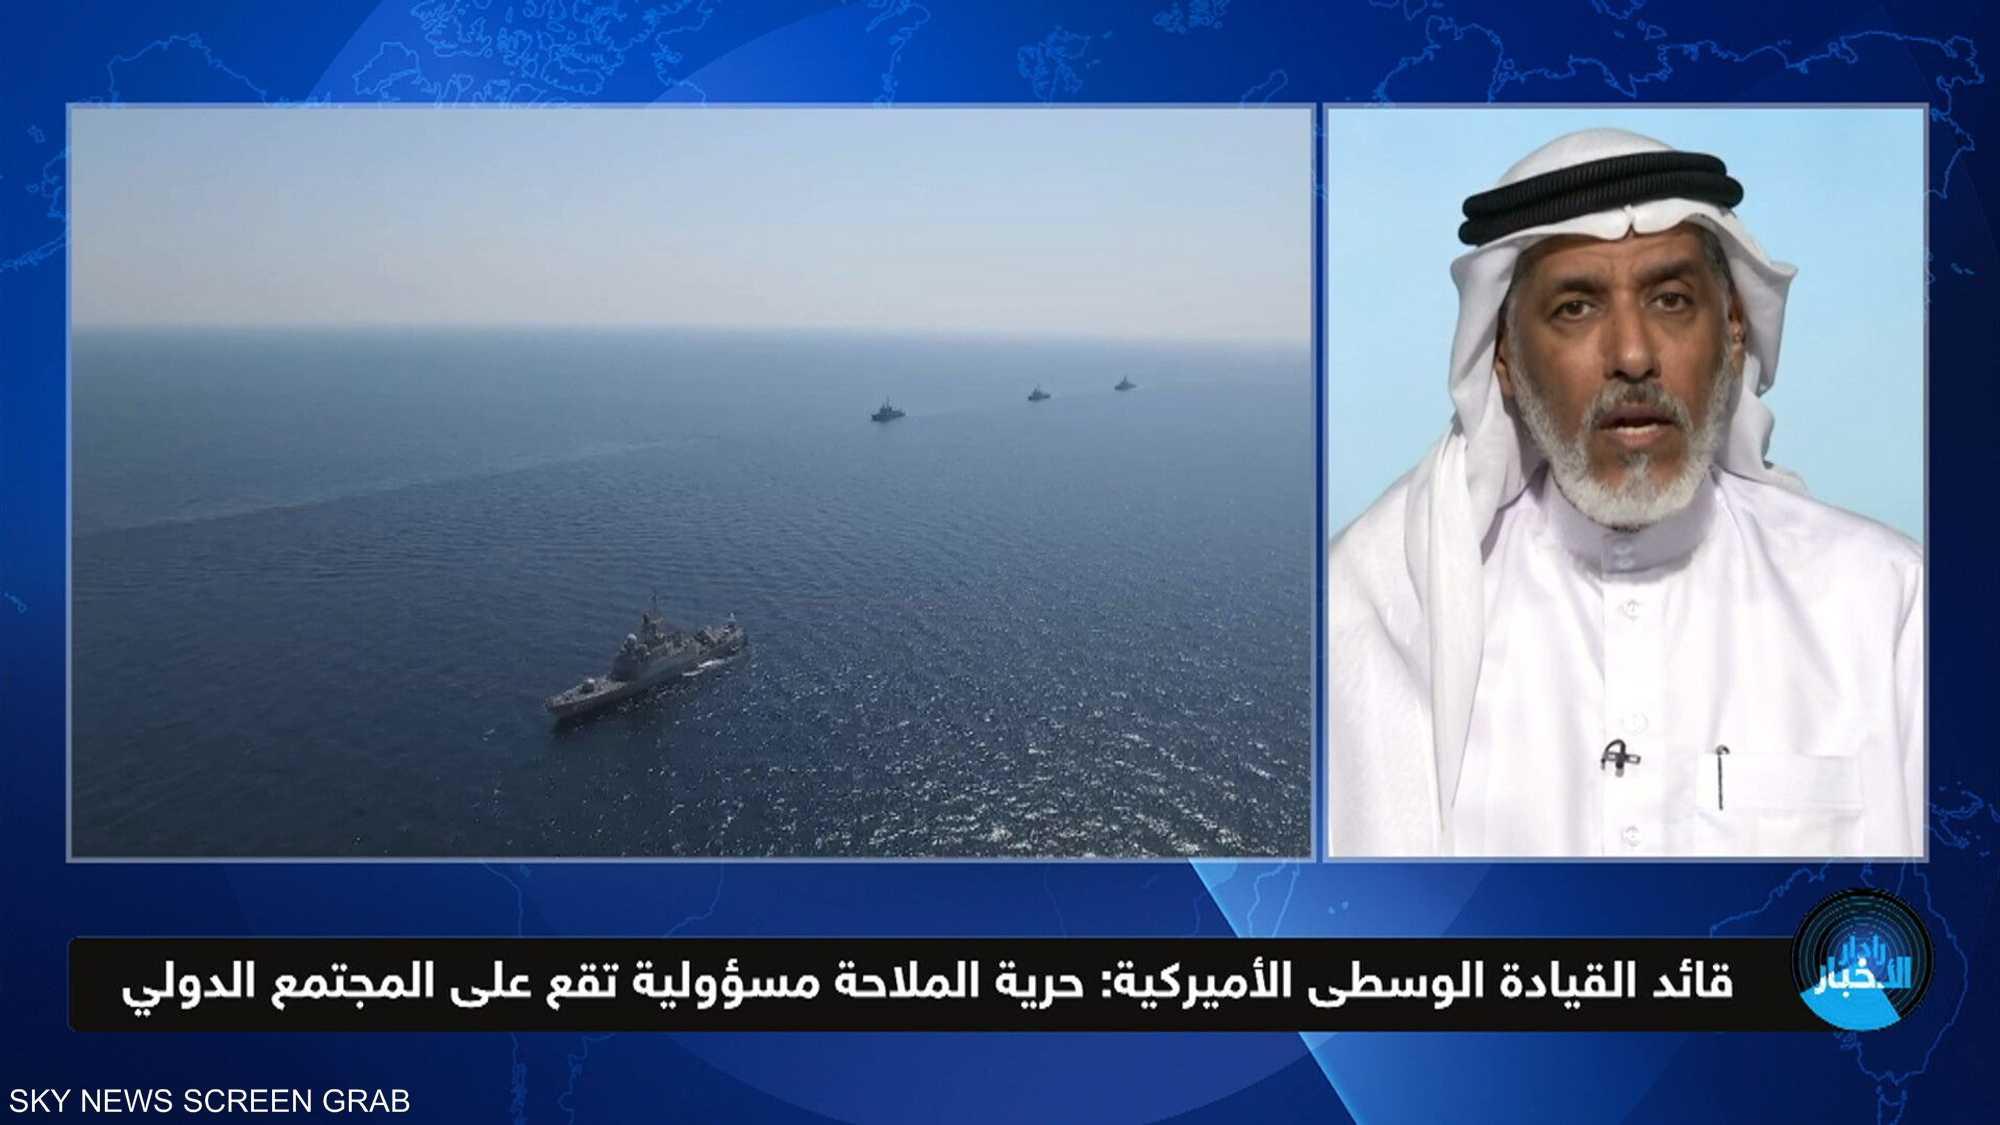 الأمن البحري في مبادرة دولية واستراتيجية أميركية